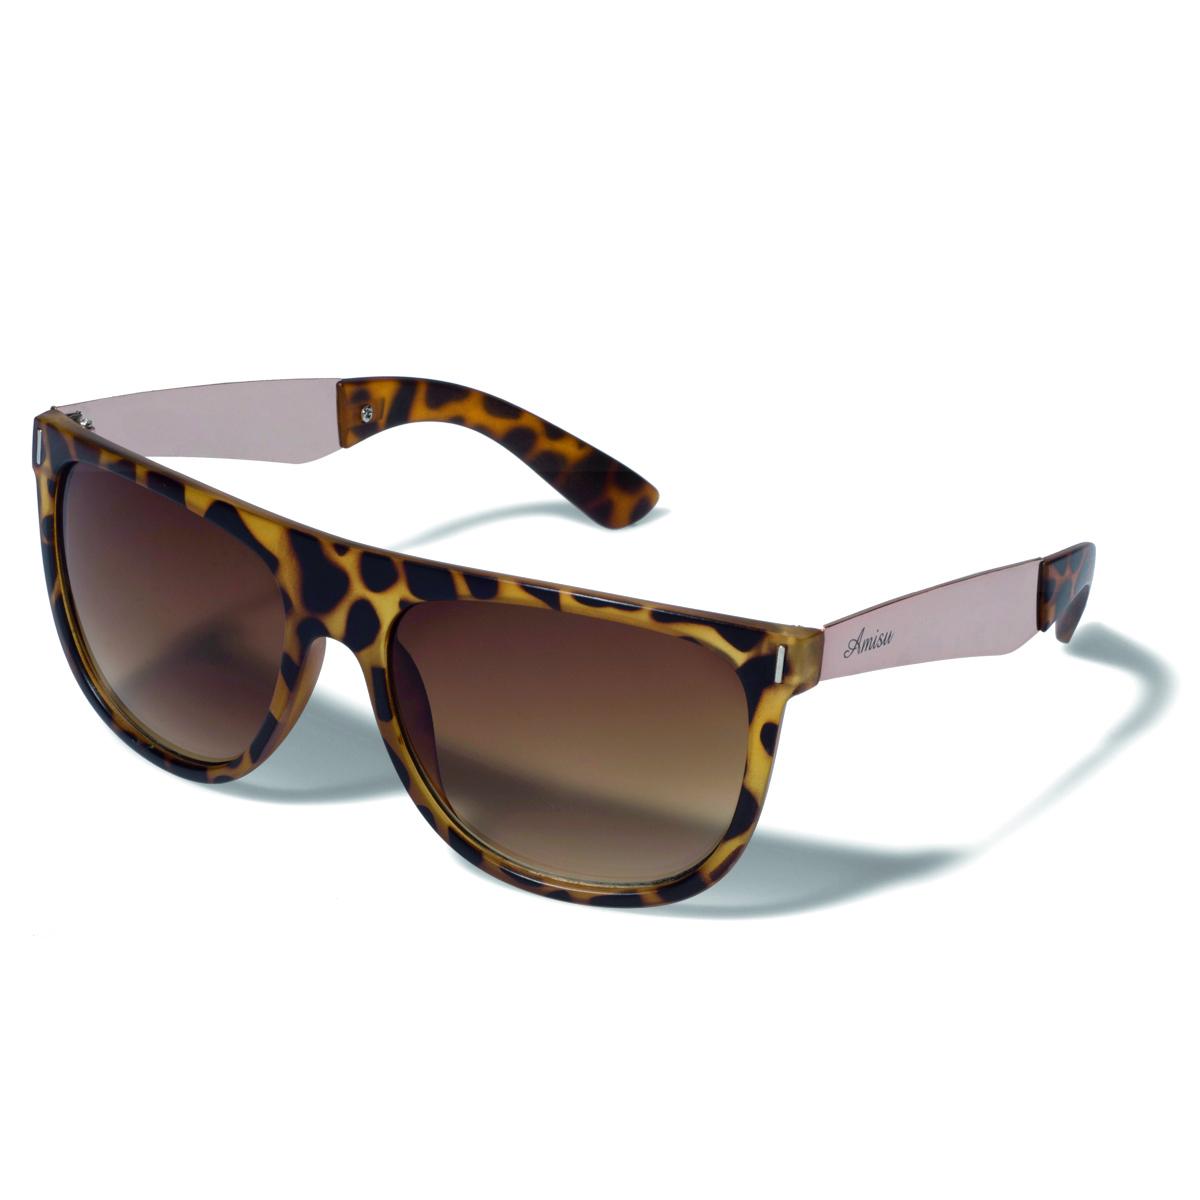 New Yorker SUNGLASSES Sunglasses 53 028 leo 99000 RSD New Yorker vam predlaže: Najbolje naočare za sunce